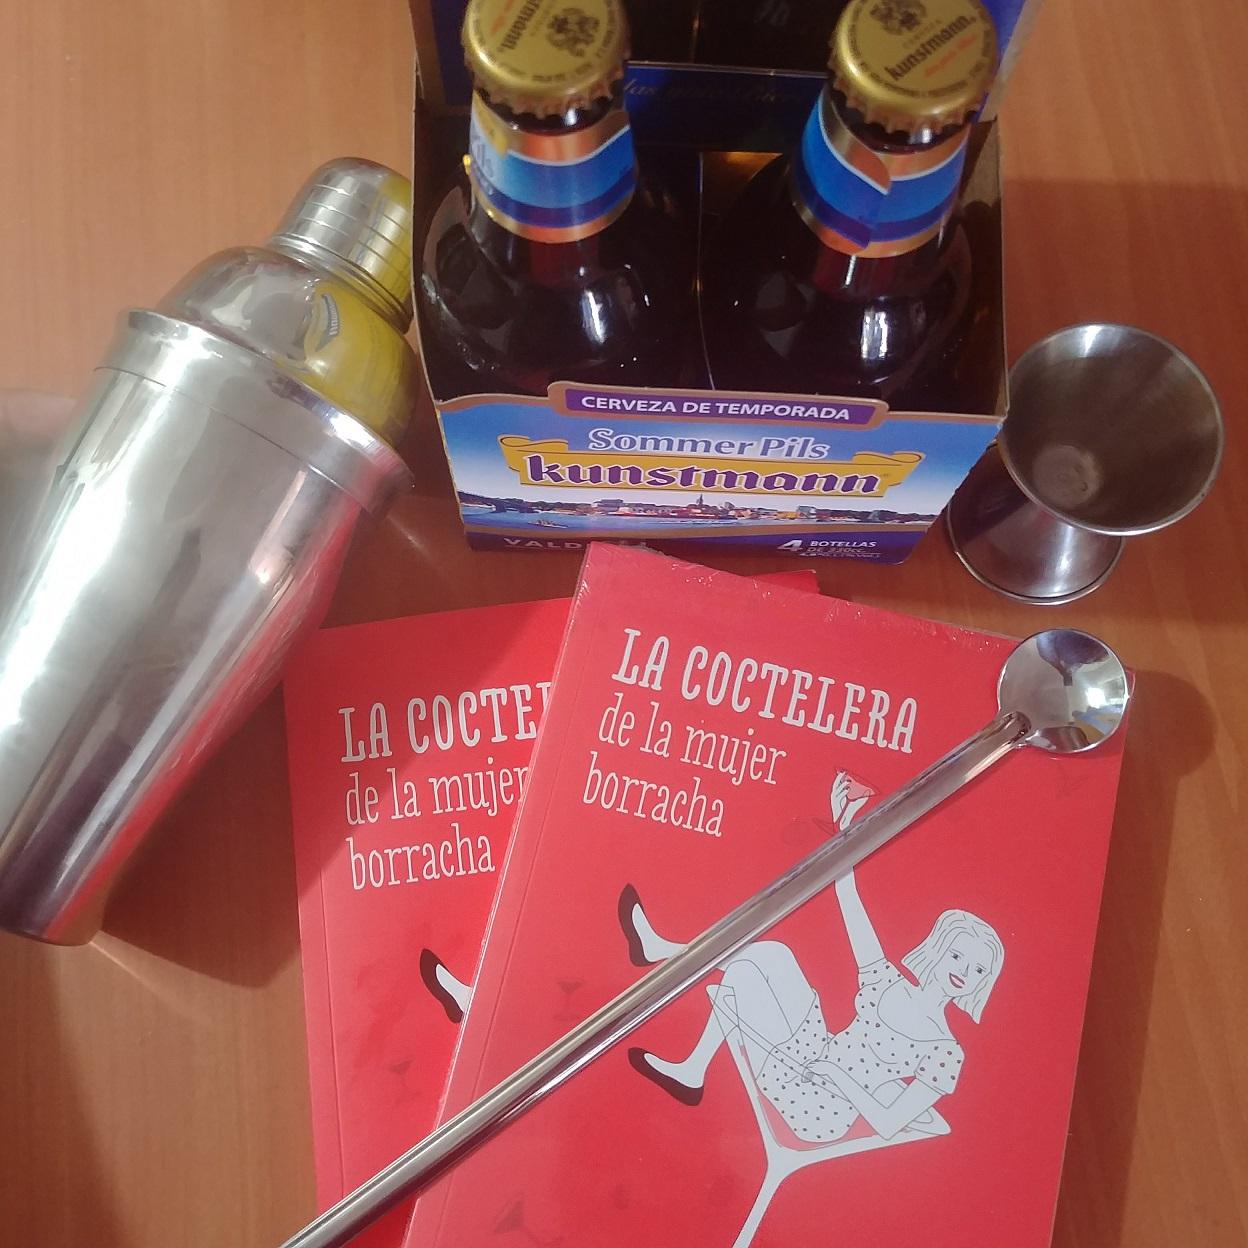 #Concurso: Domina el bar junto a La Coctelera de la Mujer Borracha y Rompiendo el Corcho